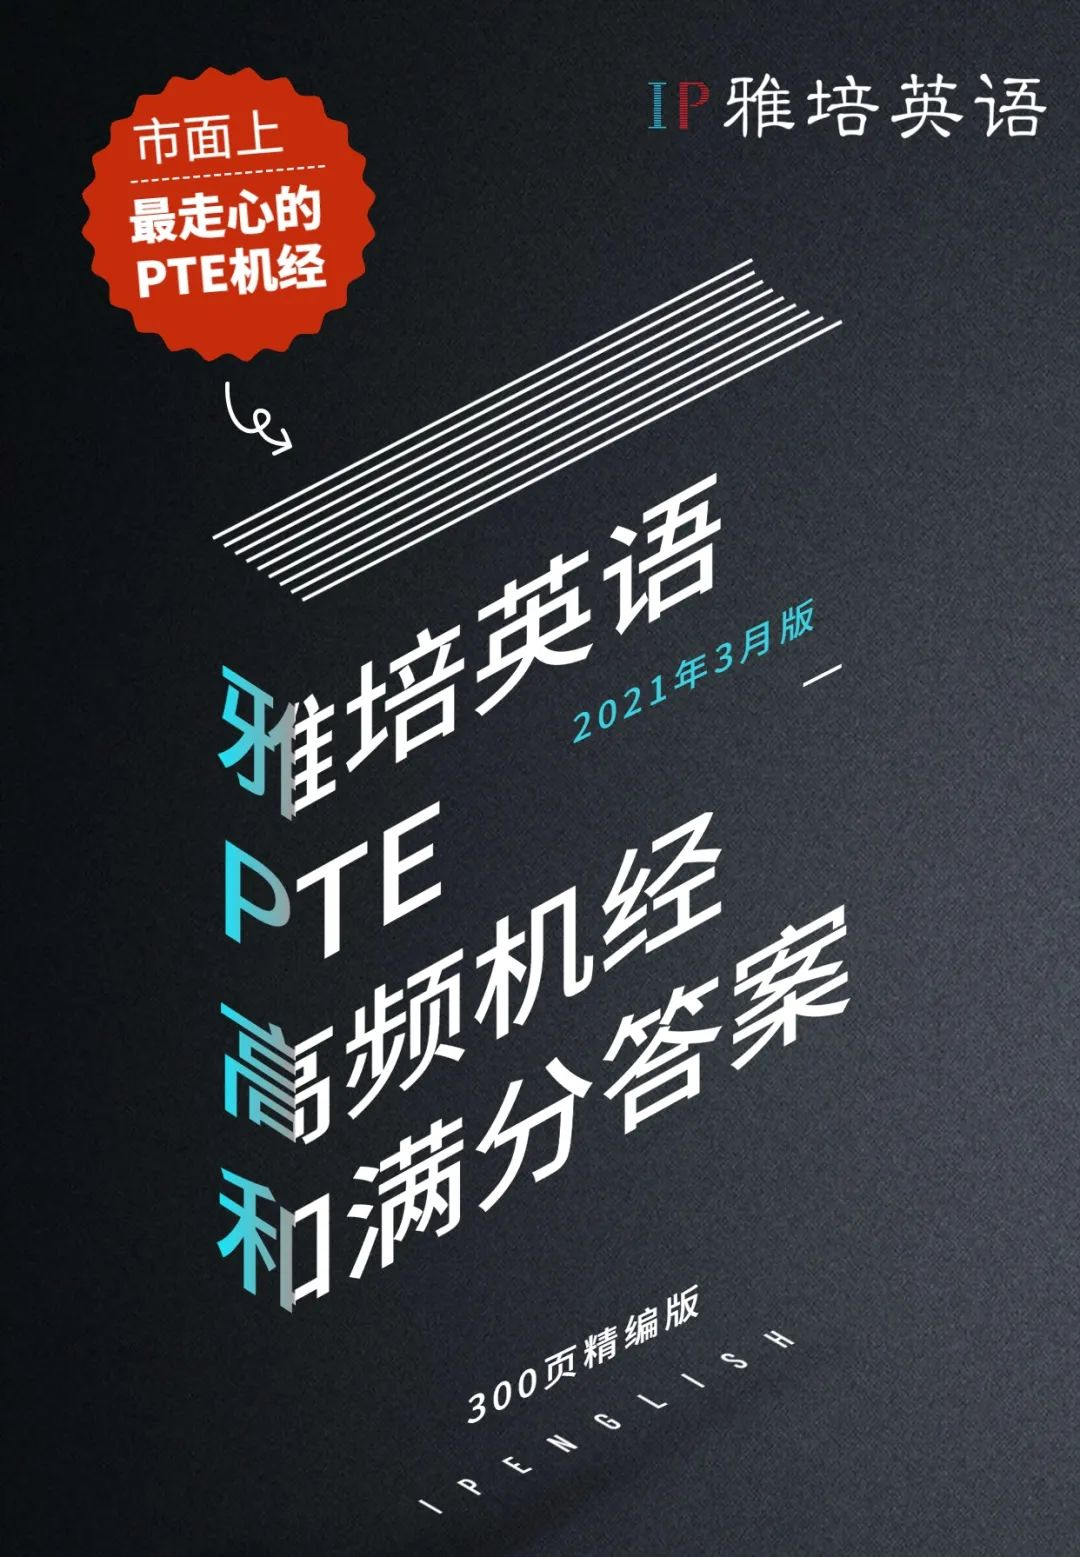 PTE写作超隐蔽语法错误-你有中招吗?